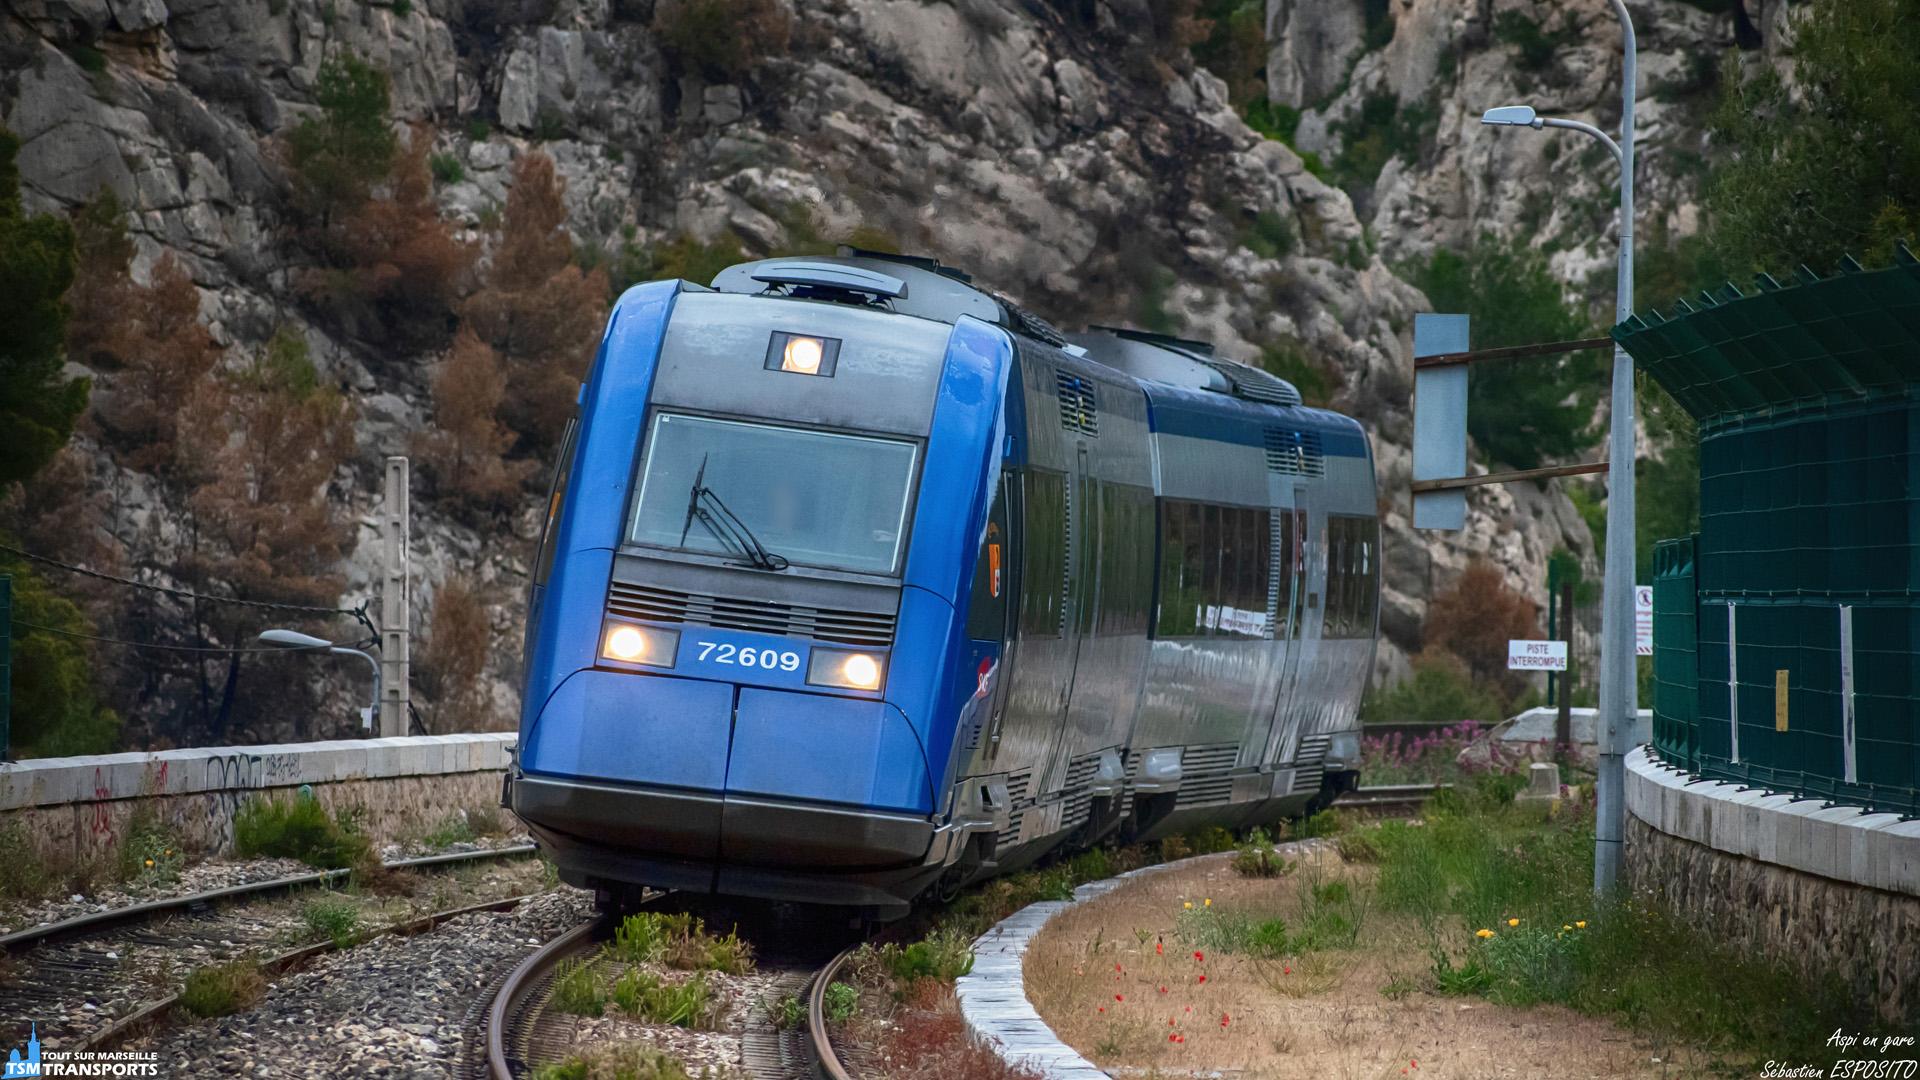 """Lente entrée en gare d'Ensuès pour cet aspi qui se dirige vers Miramas via la mythique ligne de la côte bleue, qui est recouverte en ce jour d'un voile nuageux persistant. . Premier et dernier spot dans cette gare avant la saison estivale où l'accès à la gare est jalousement privatisé. . On pourra de nouveau accéder à la gare qu'à la fin de l'été. . ℹ️ Alstom X72500 (X72609/10) baptisé """"Queyras"""". . 📍 Gare de La Redonne-Ensuès, Chemin de la gare, 13820 Ensuès-la-Redonne. . ↔️ Marseille Saint Charles - Miramas. . 📖 Queyras est le nom d'une Vallée dans les Hautes-Alpes. . 📸 Nikon D5600. . 📷 Nikkor 70-300mm. . 📅 17 Mai 2019 à 19:53. . 👨 Sébastien ESPOSITO."""